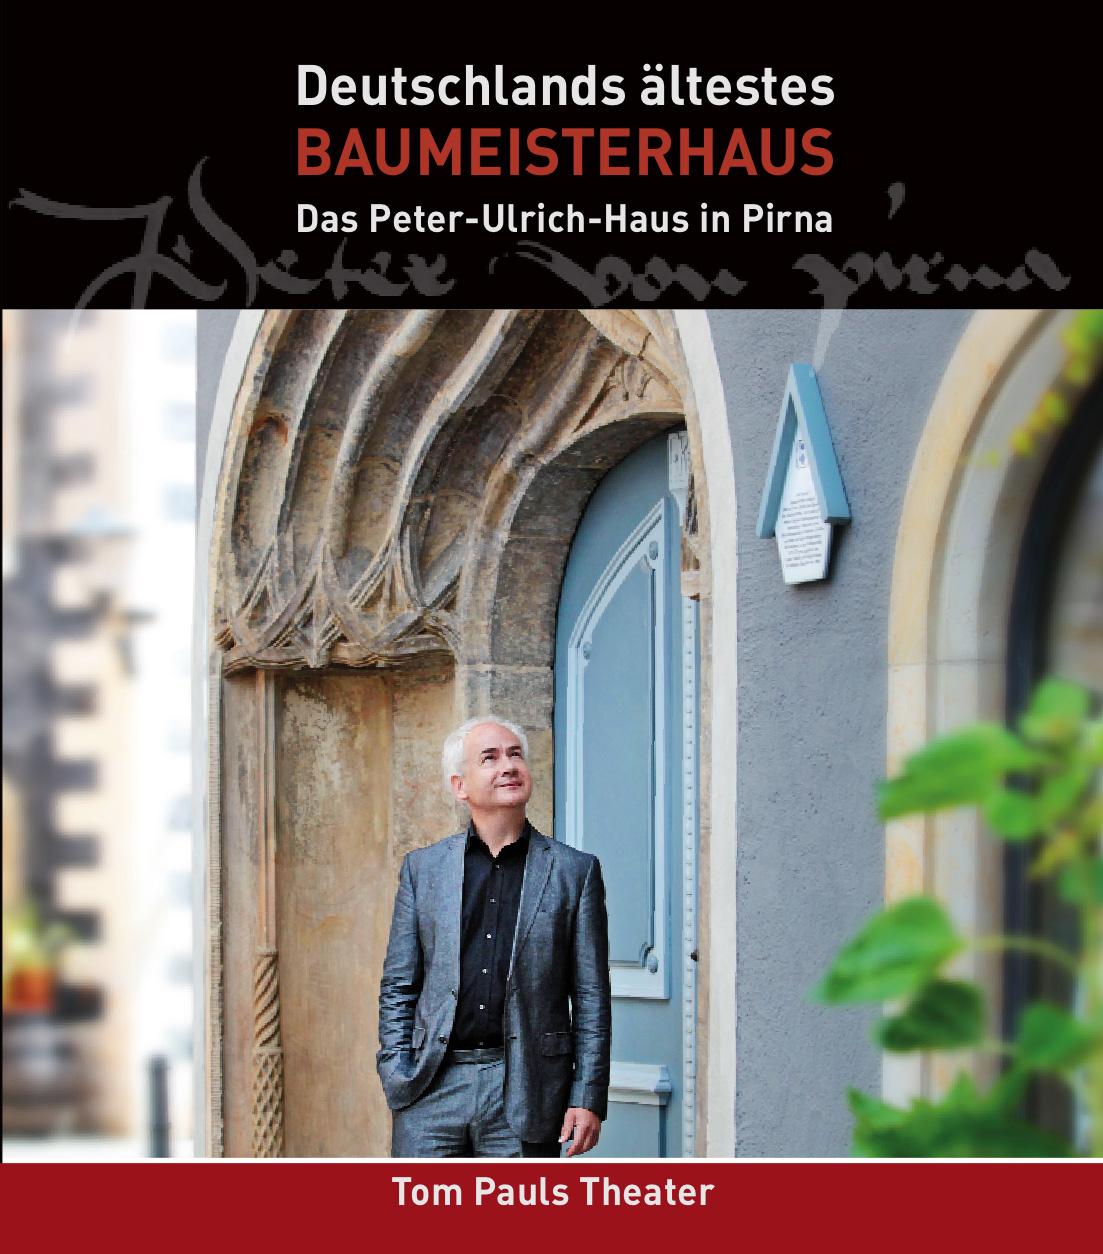 Deutschlands ältestes Baumeisterhaus – Das Peter-Ulrich-Haus in Pirna